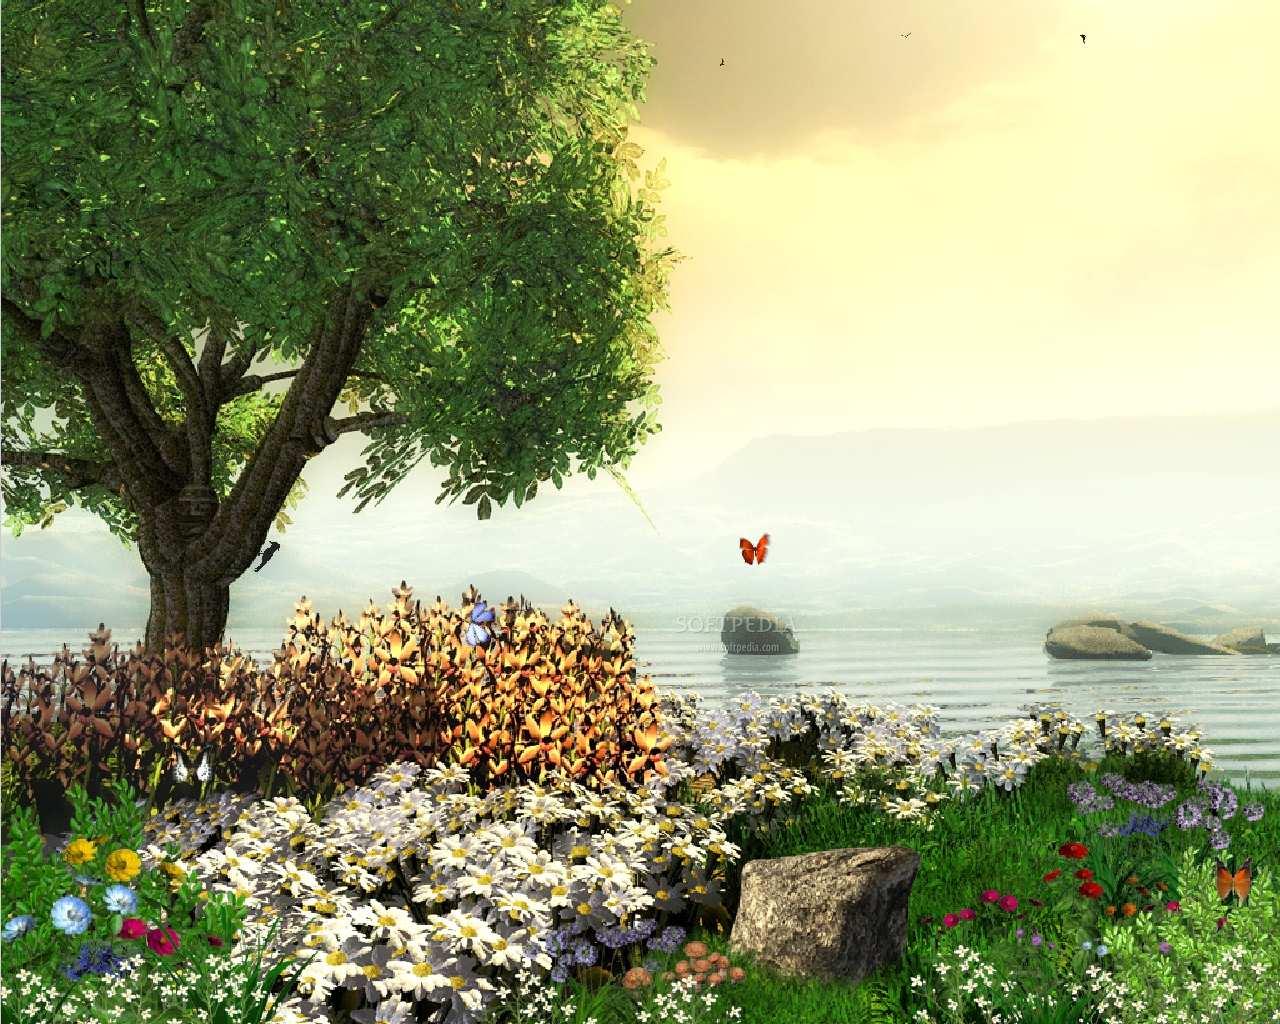 http://3.bp.blogspot.com/-UHE-Y9P1tMQ/T7SDYEyx49I/AAAAAAAADVg/GYlKONerCWY/s1600/sunny-morning-animated-wallpaper.jpg